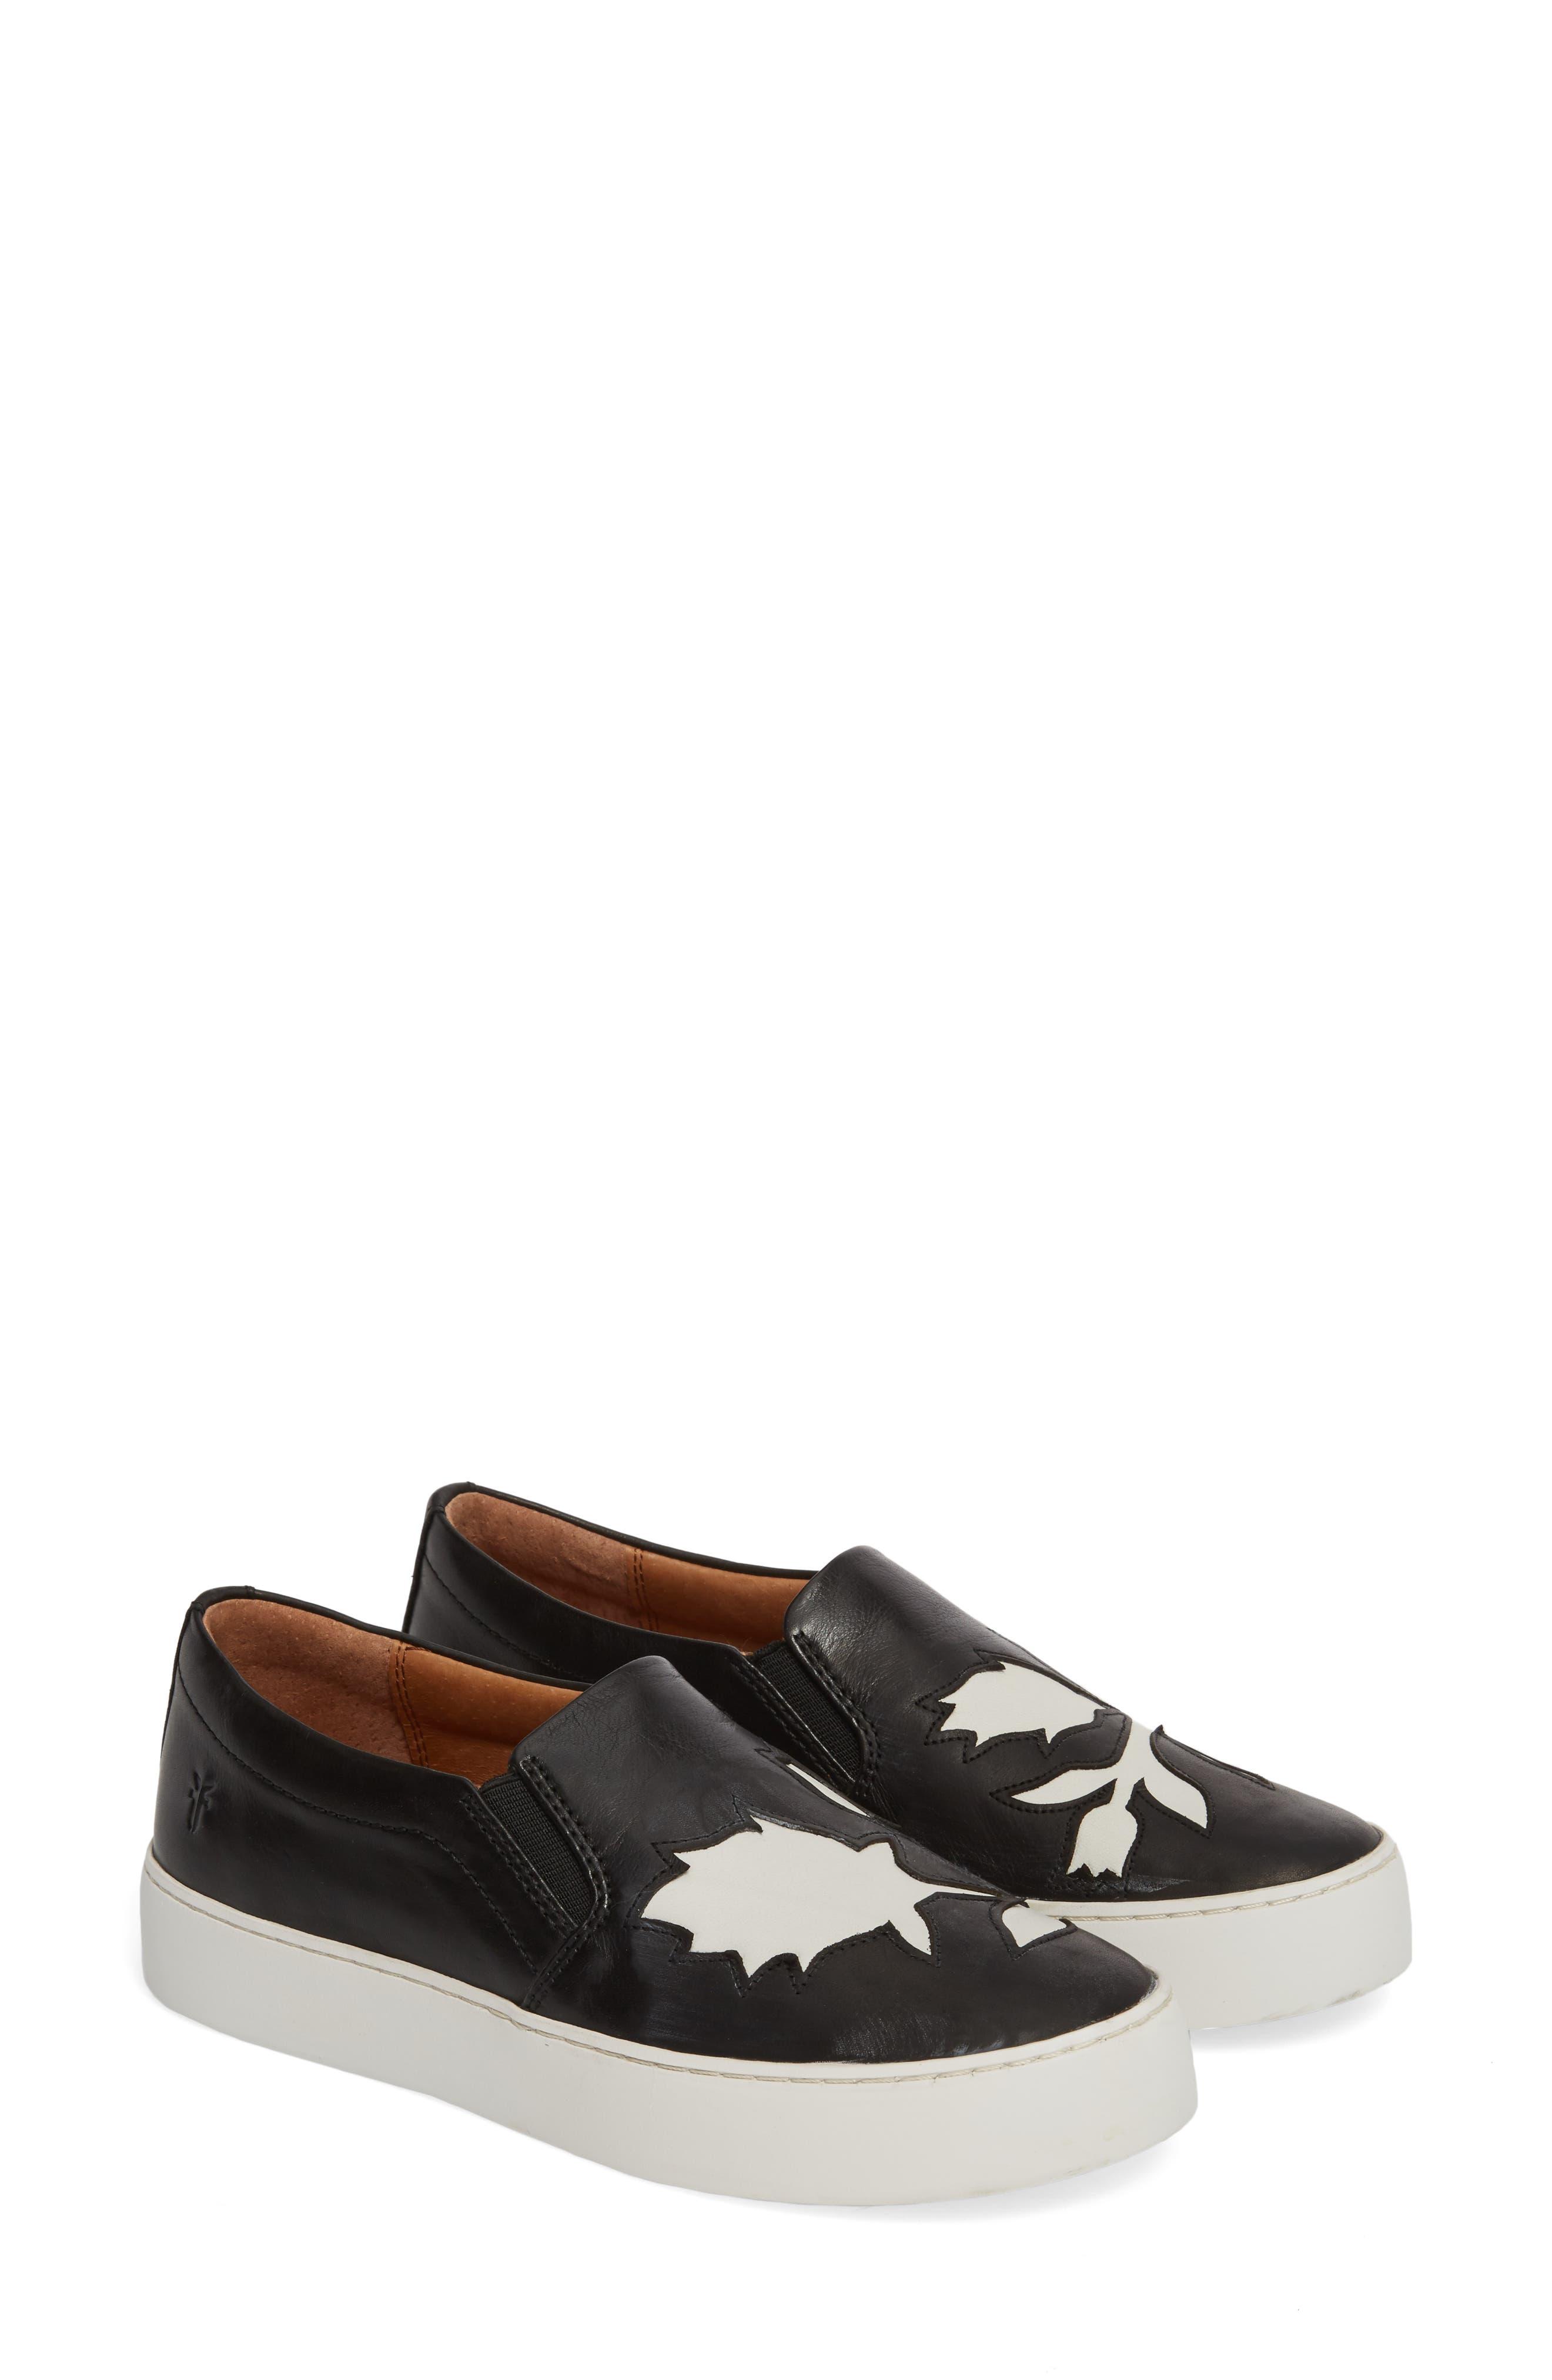 Lena Floral Slip-On Sneaker,                             Alternate thumbnail 3, color,